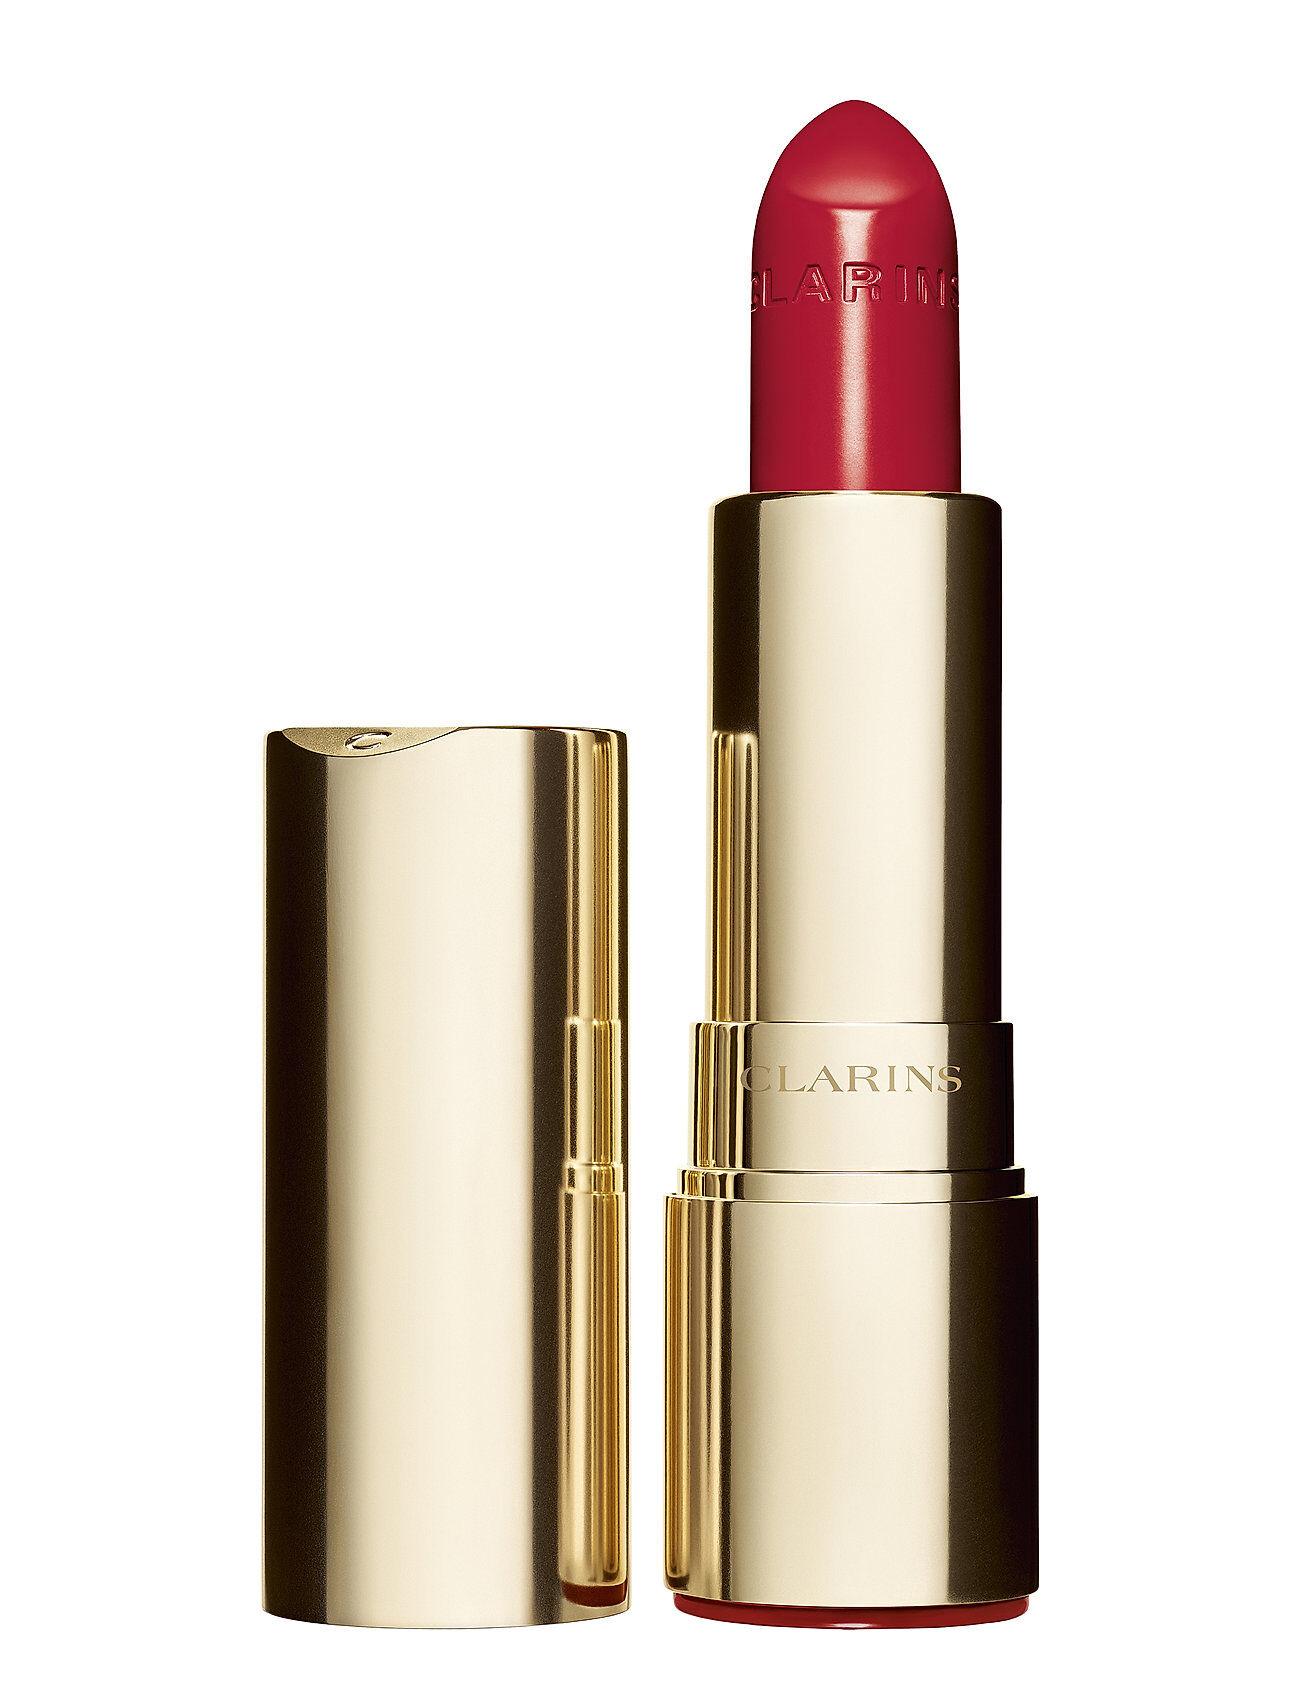 CLARINS Joli Rouge Lipstick 760 Pink Cranberry Läppstift Smink Röd CLARINS